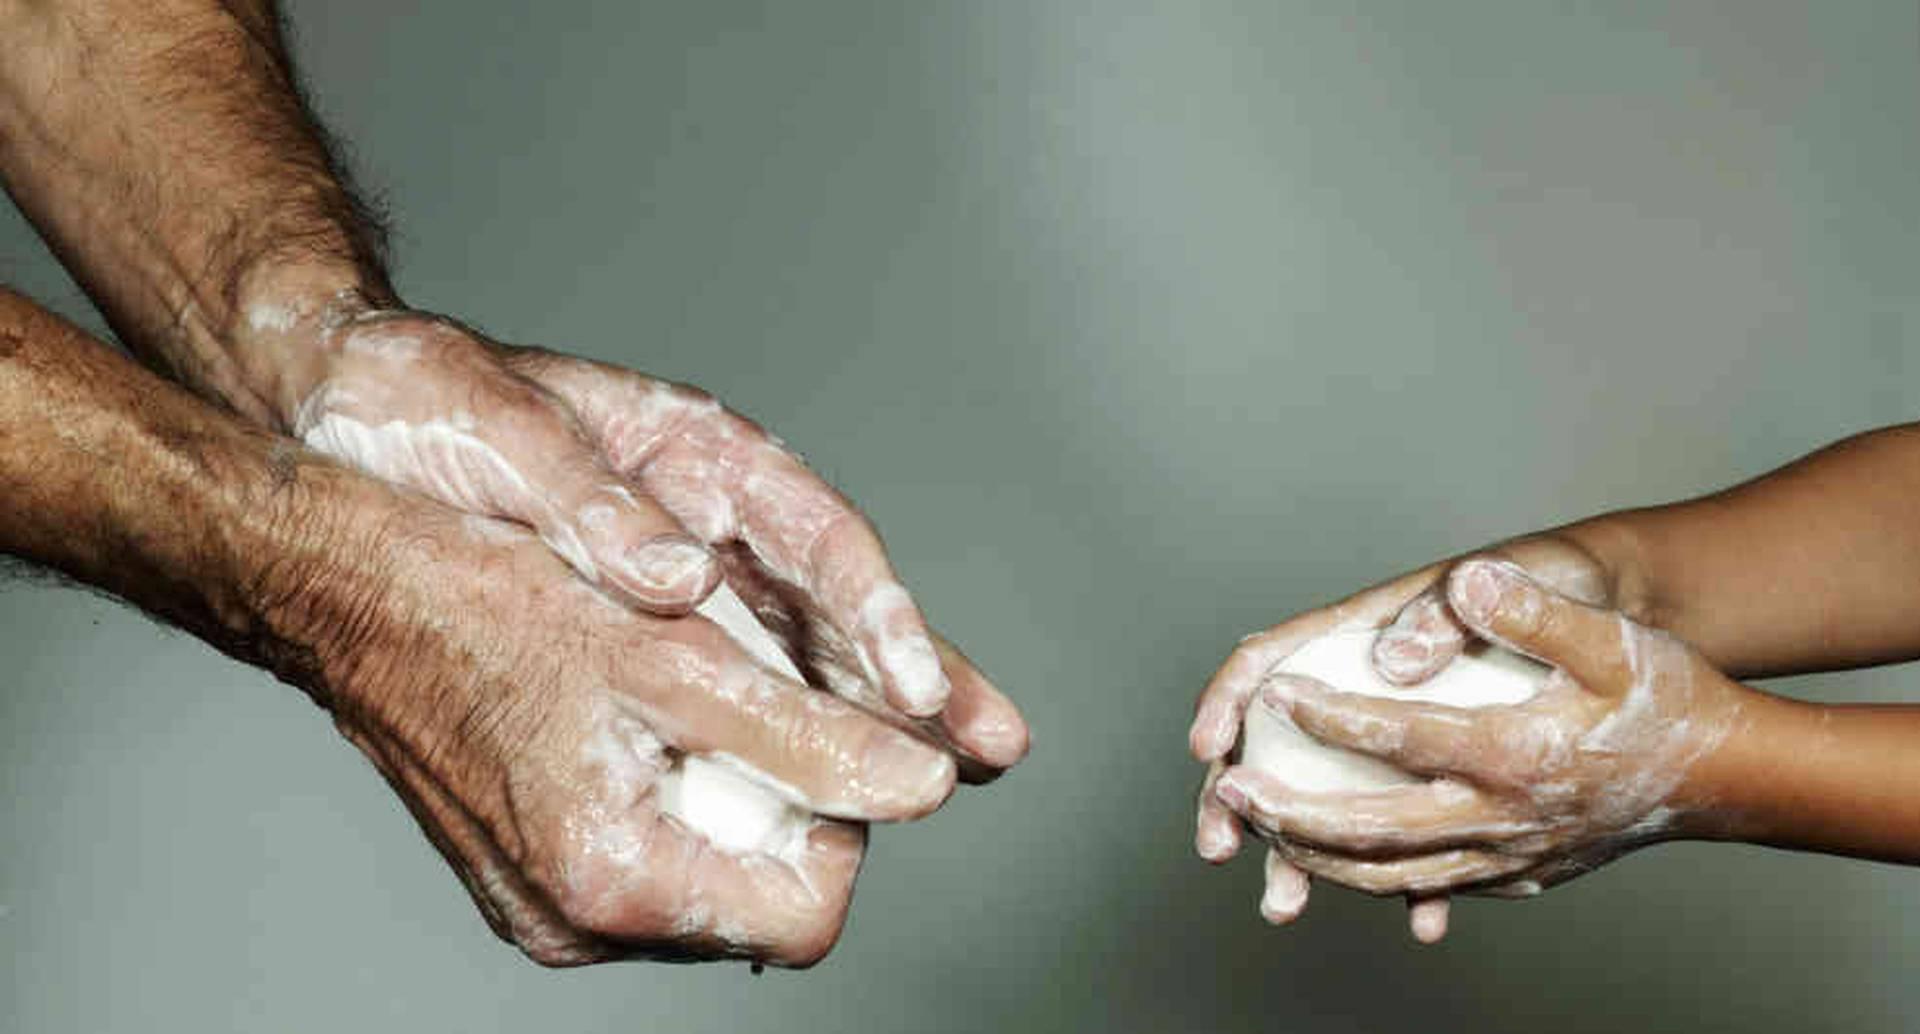 Pese a que el lavado de manos hoy es vital, cifras del Banco Mundial indican que 25% de los latinoamericanos no tienen acceso a una fuente de agua confiable.